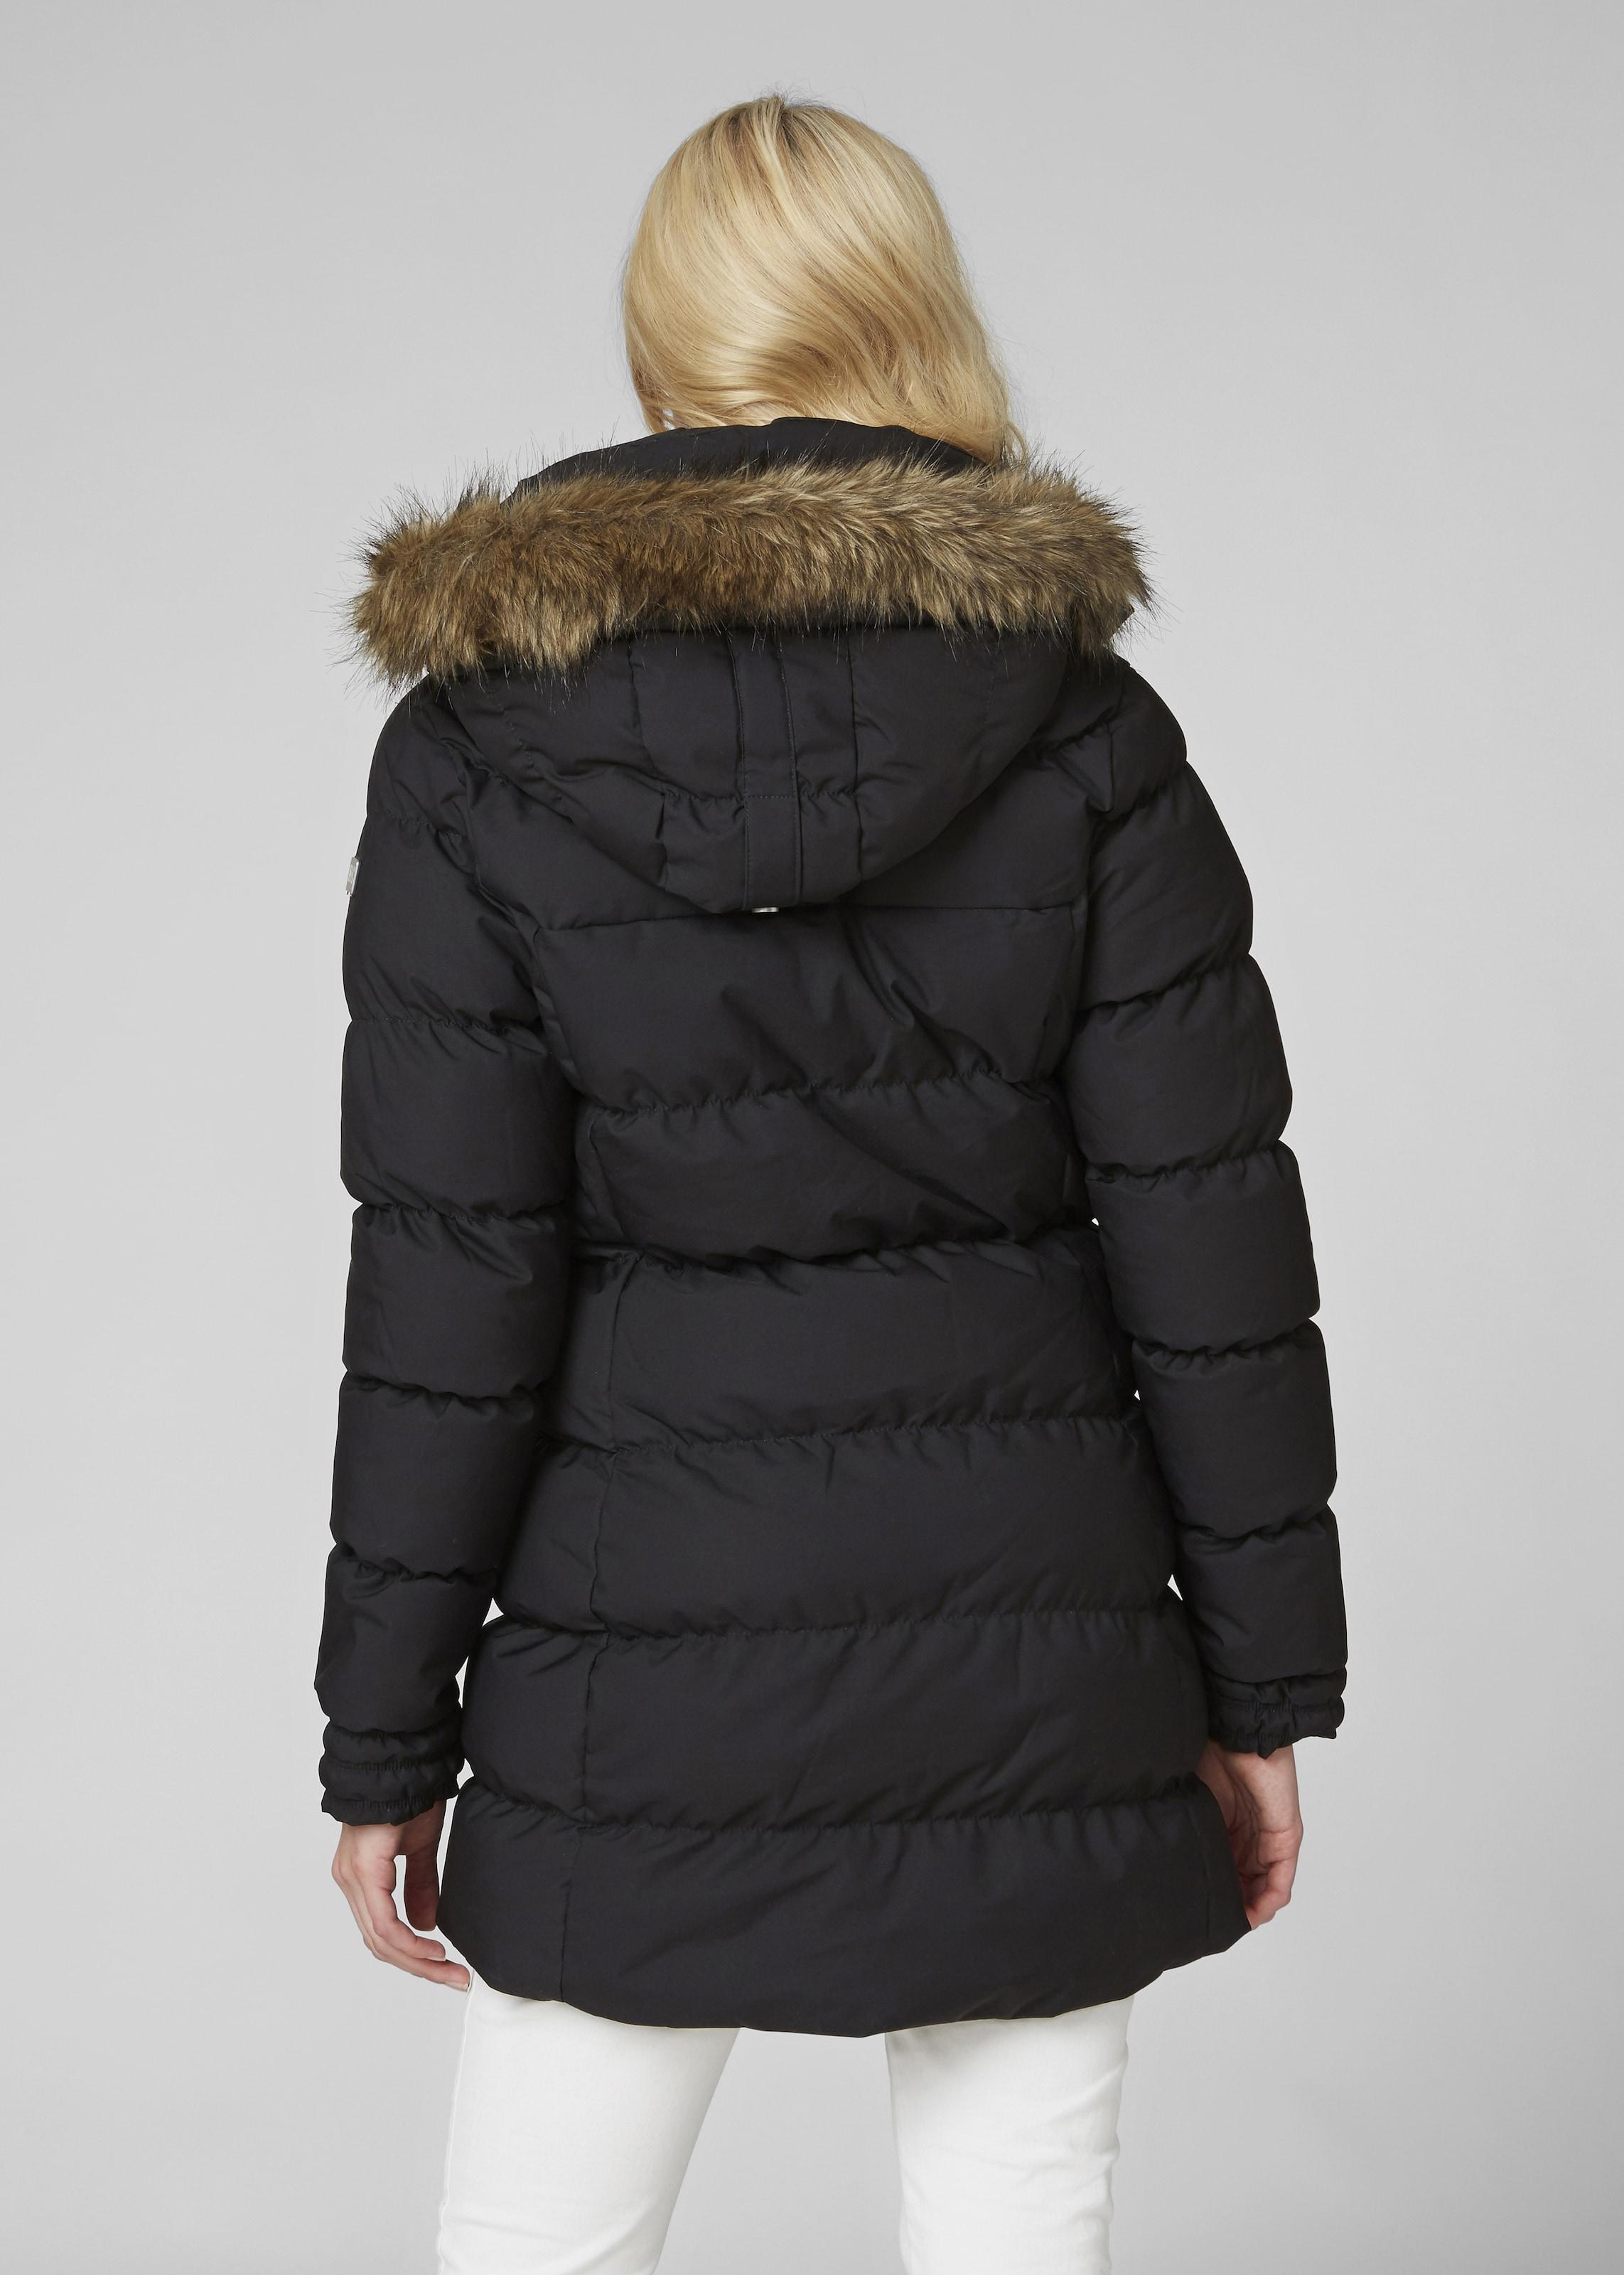 Shop Für Online HELLY HANSEN Mantel Genießen Günstig Online Verkauf Outlet-Store Freiraum 100% Original Rabatt Nicekicks rUwGq